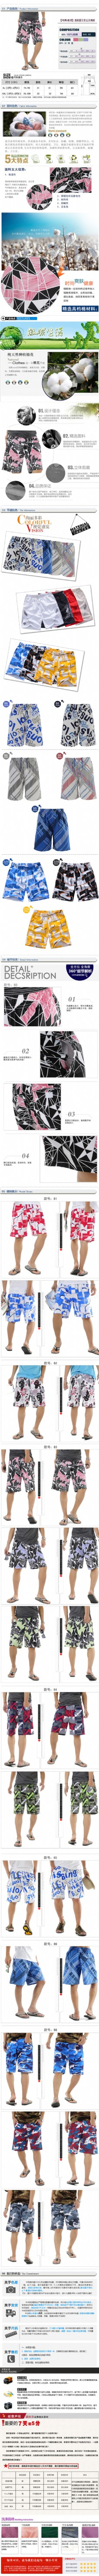 男沙滩裤模板设计